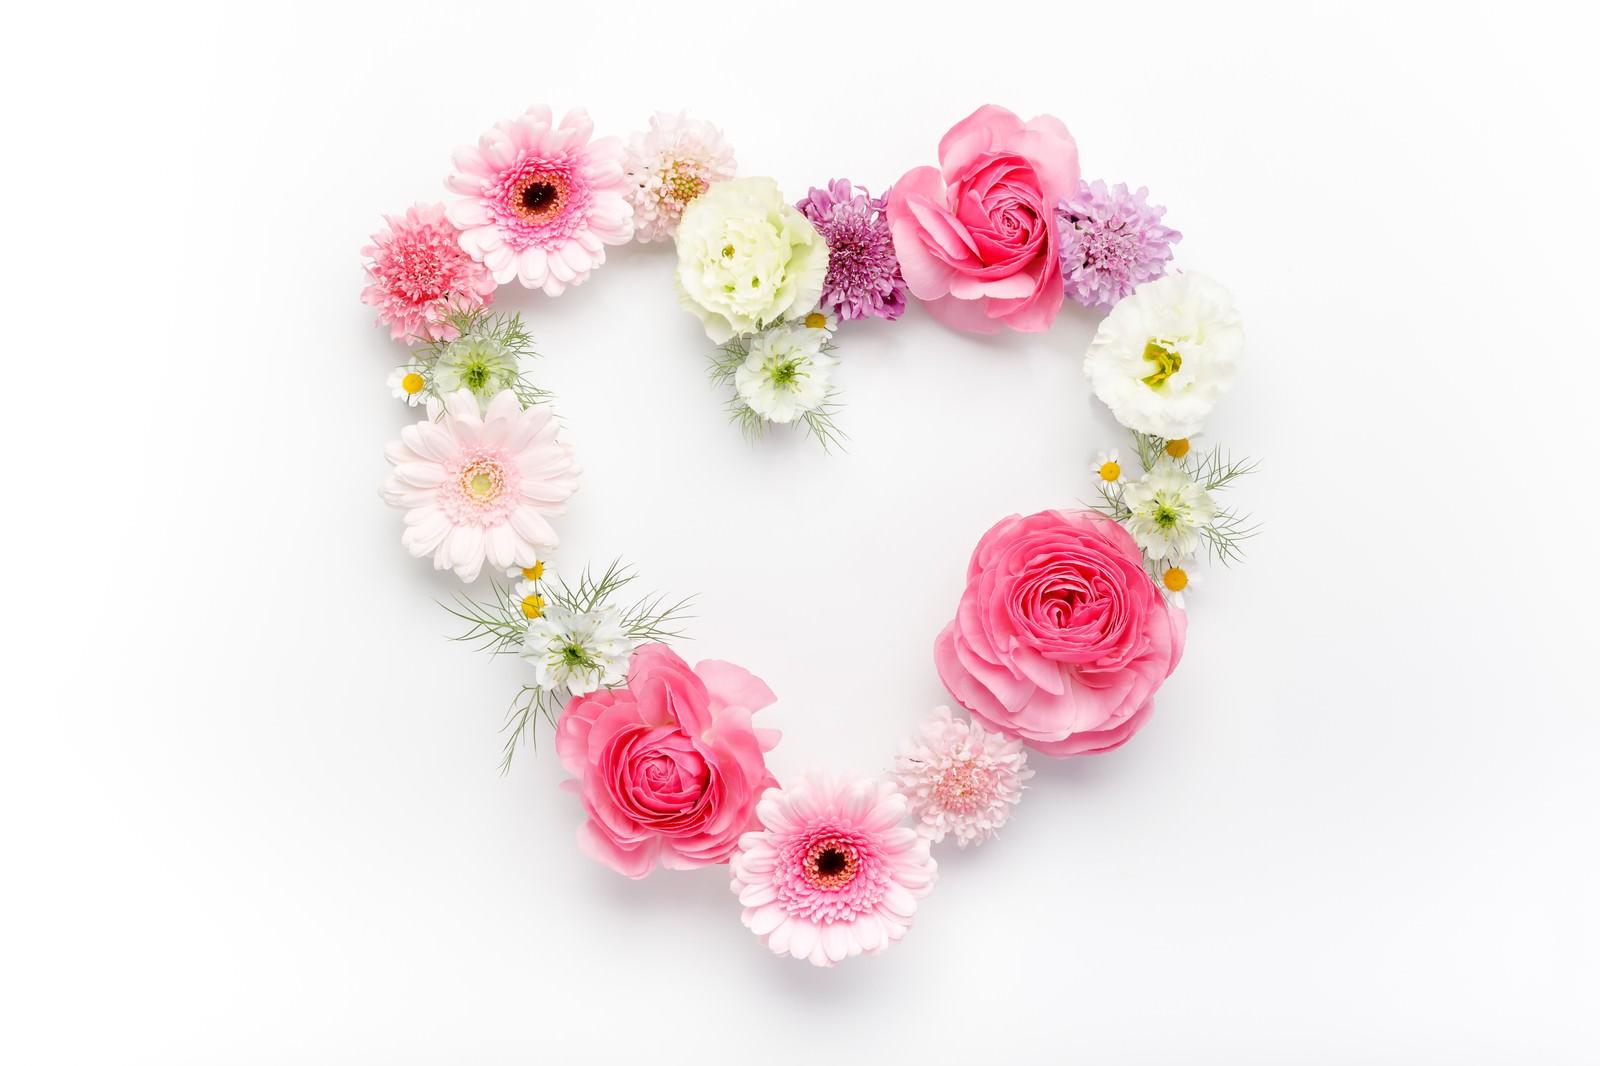 「お花のハートマーク(フレーム)お花のハートマーク(フレーム)」のフリー写真素材を拡大